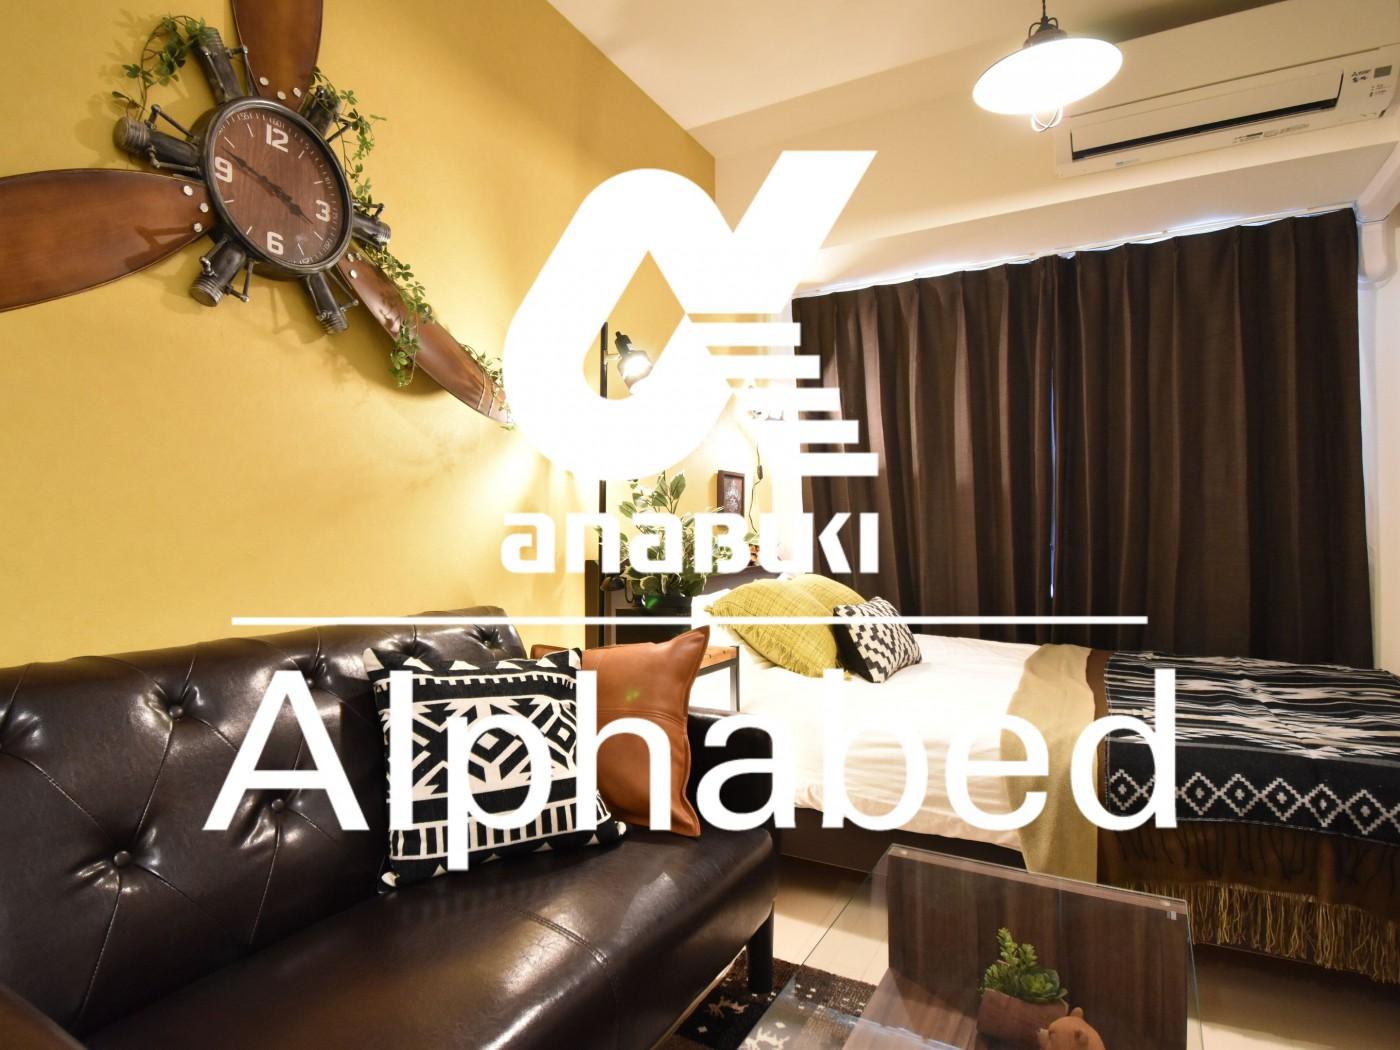 岡山市の新築民泊【Alphabed岡山千日前】家族や友人での宿泊の際に